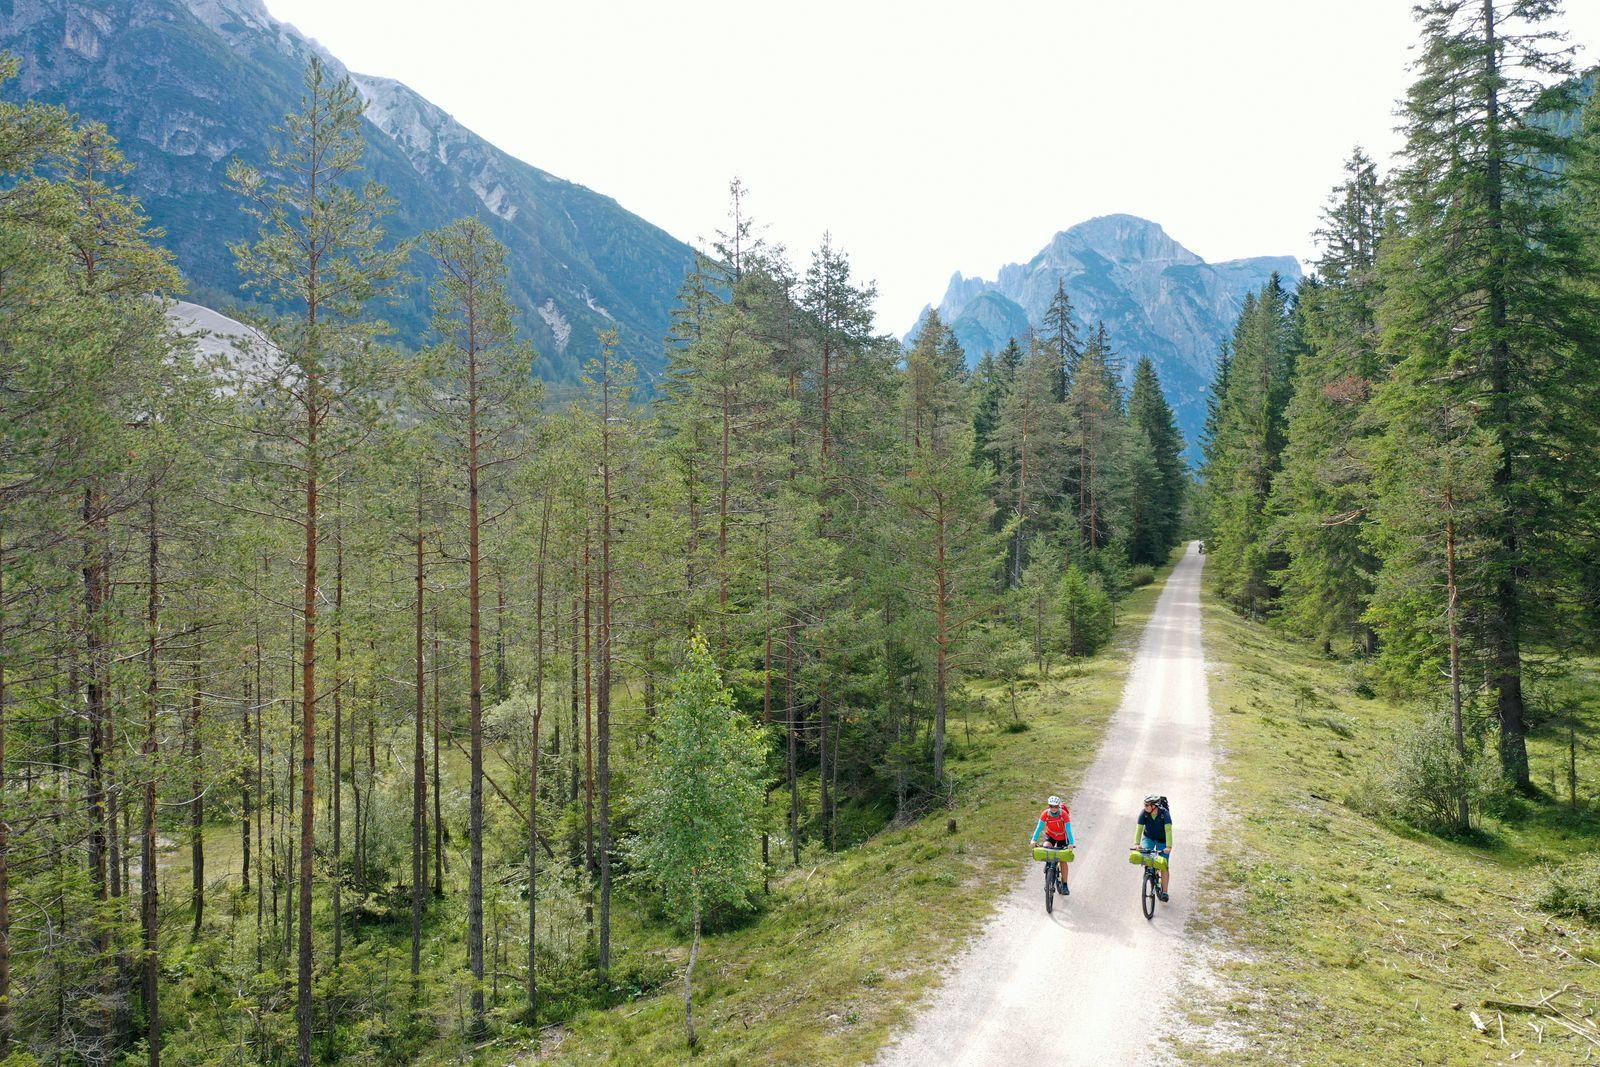 München-Venedig - Radweg bei Toblach in den Dolomiten - Thorsten Brönner